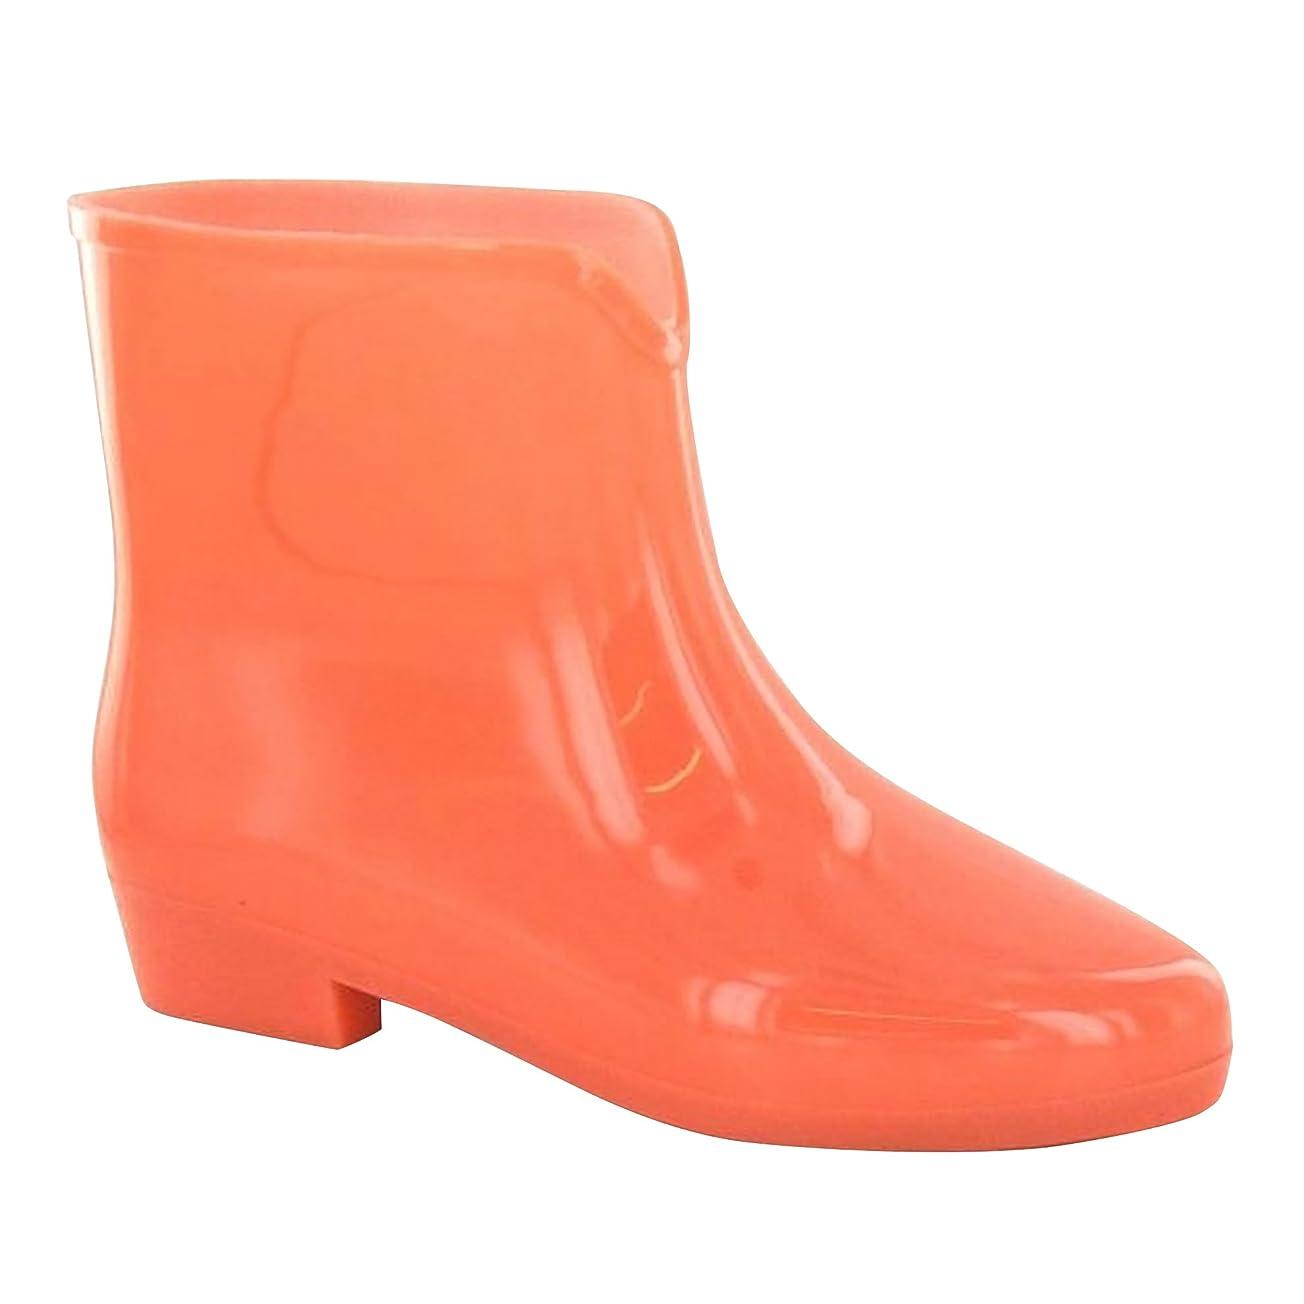 韓国ハンディキャップホールドオール(スポットオン) Spot On レディース パステル グロー?イン?ザ?ダーク アンクル丈 ウェリントンブーツ 婦人長靴 レインブーツ 女性用